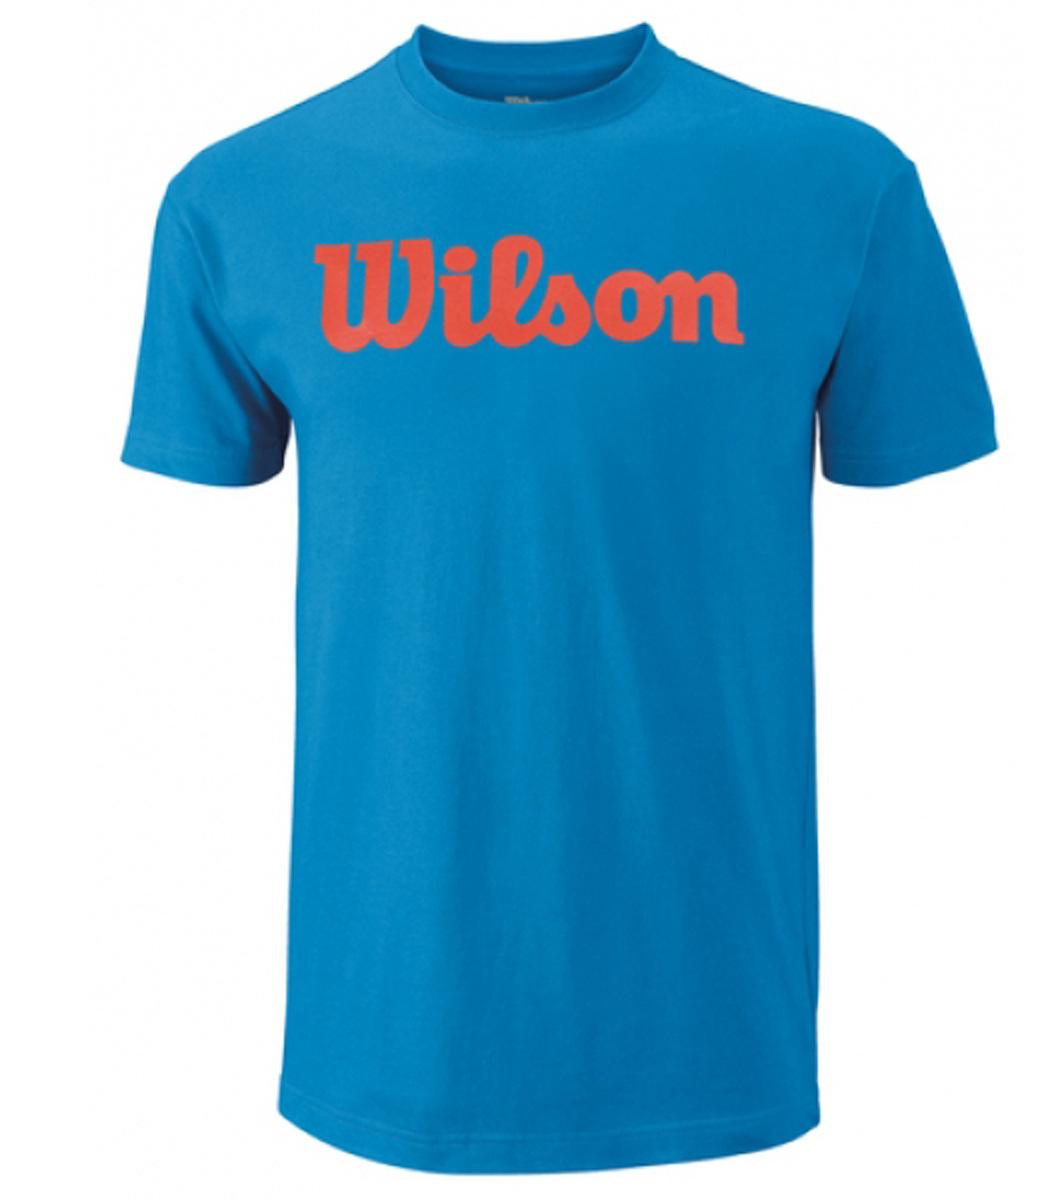 ФутболкаWRA747803Тренировочная футболка с Логотипом Wilson. Спортивный крой для оптимального комфорта.